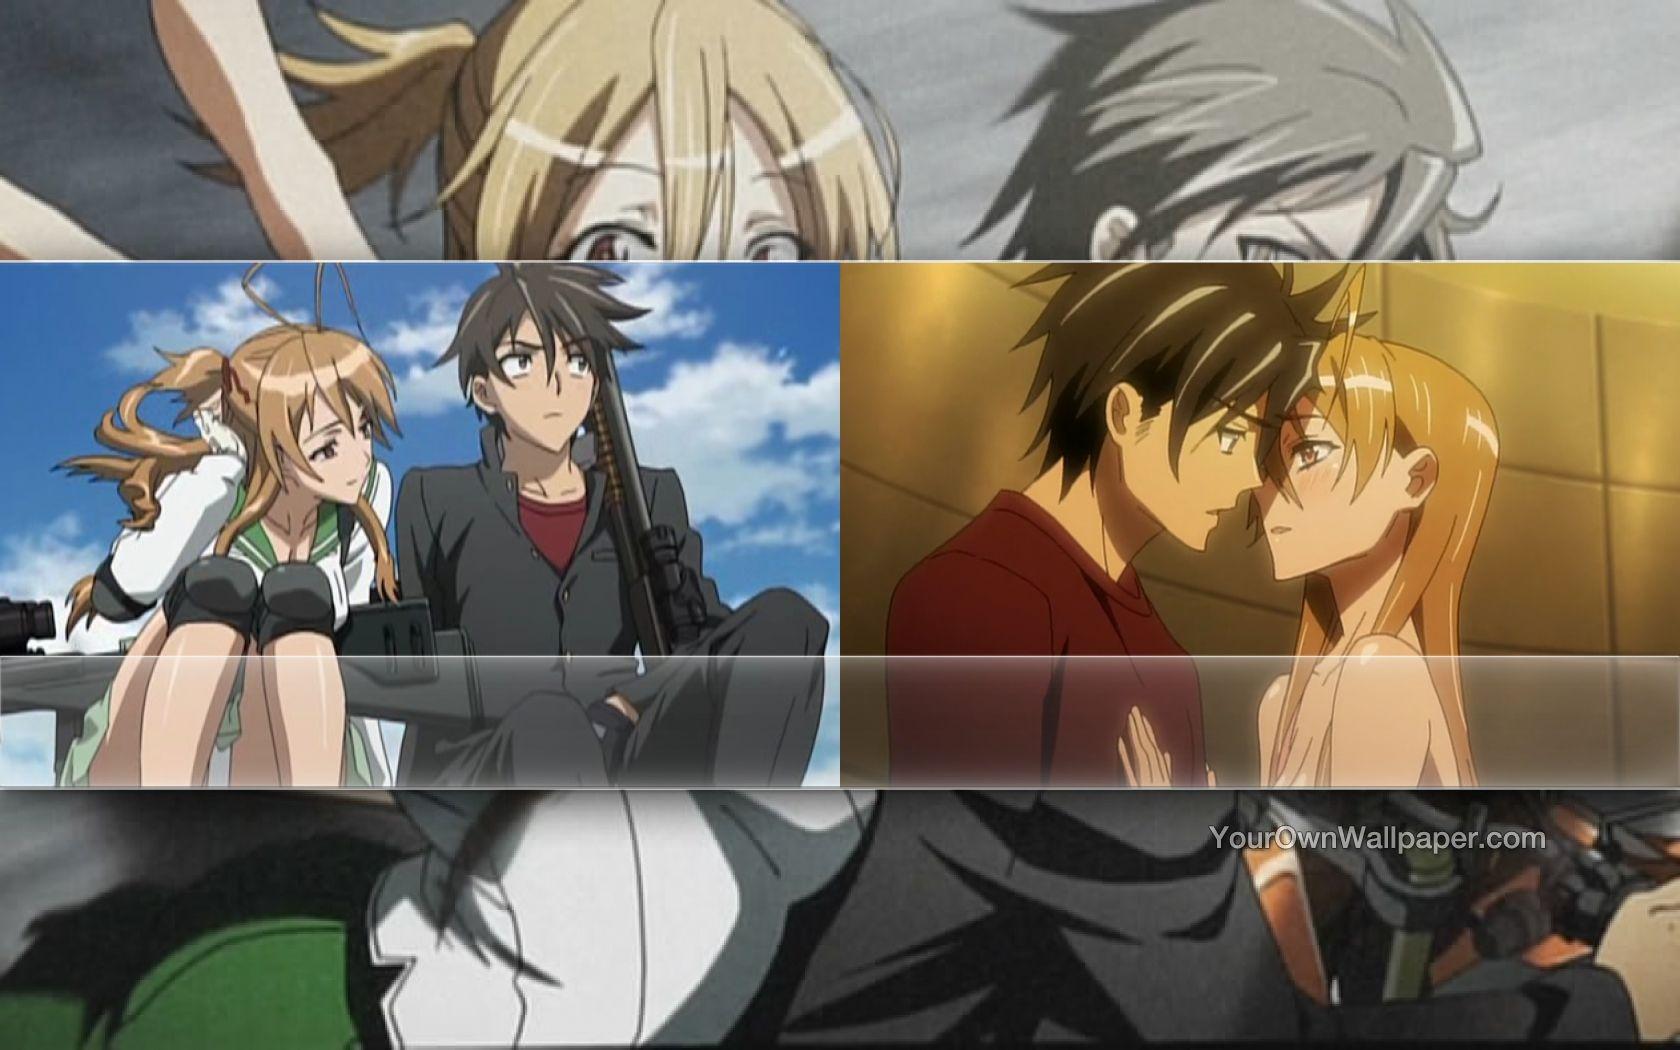 Takashi and Rei Wallpa...